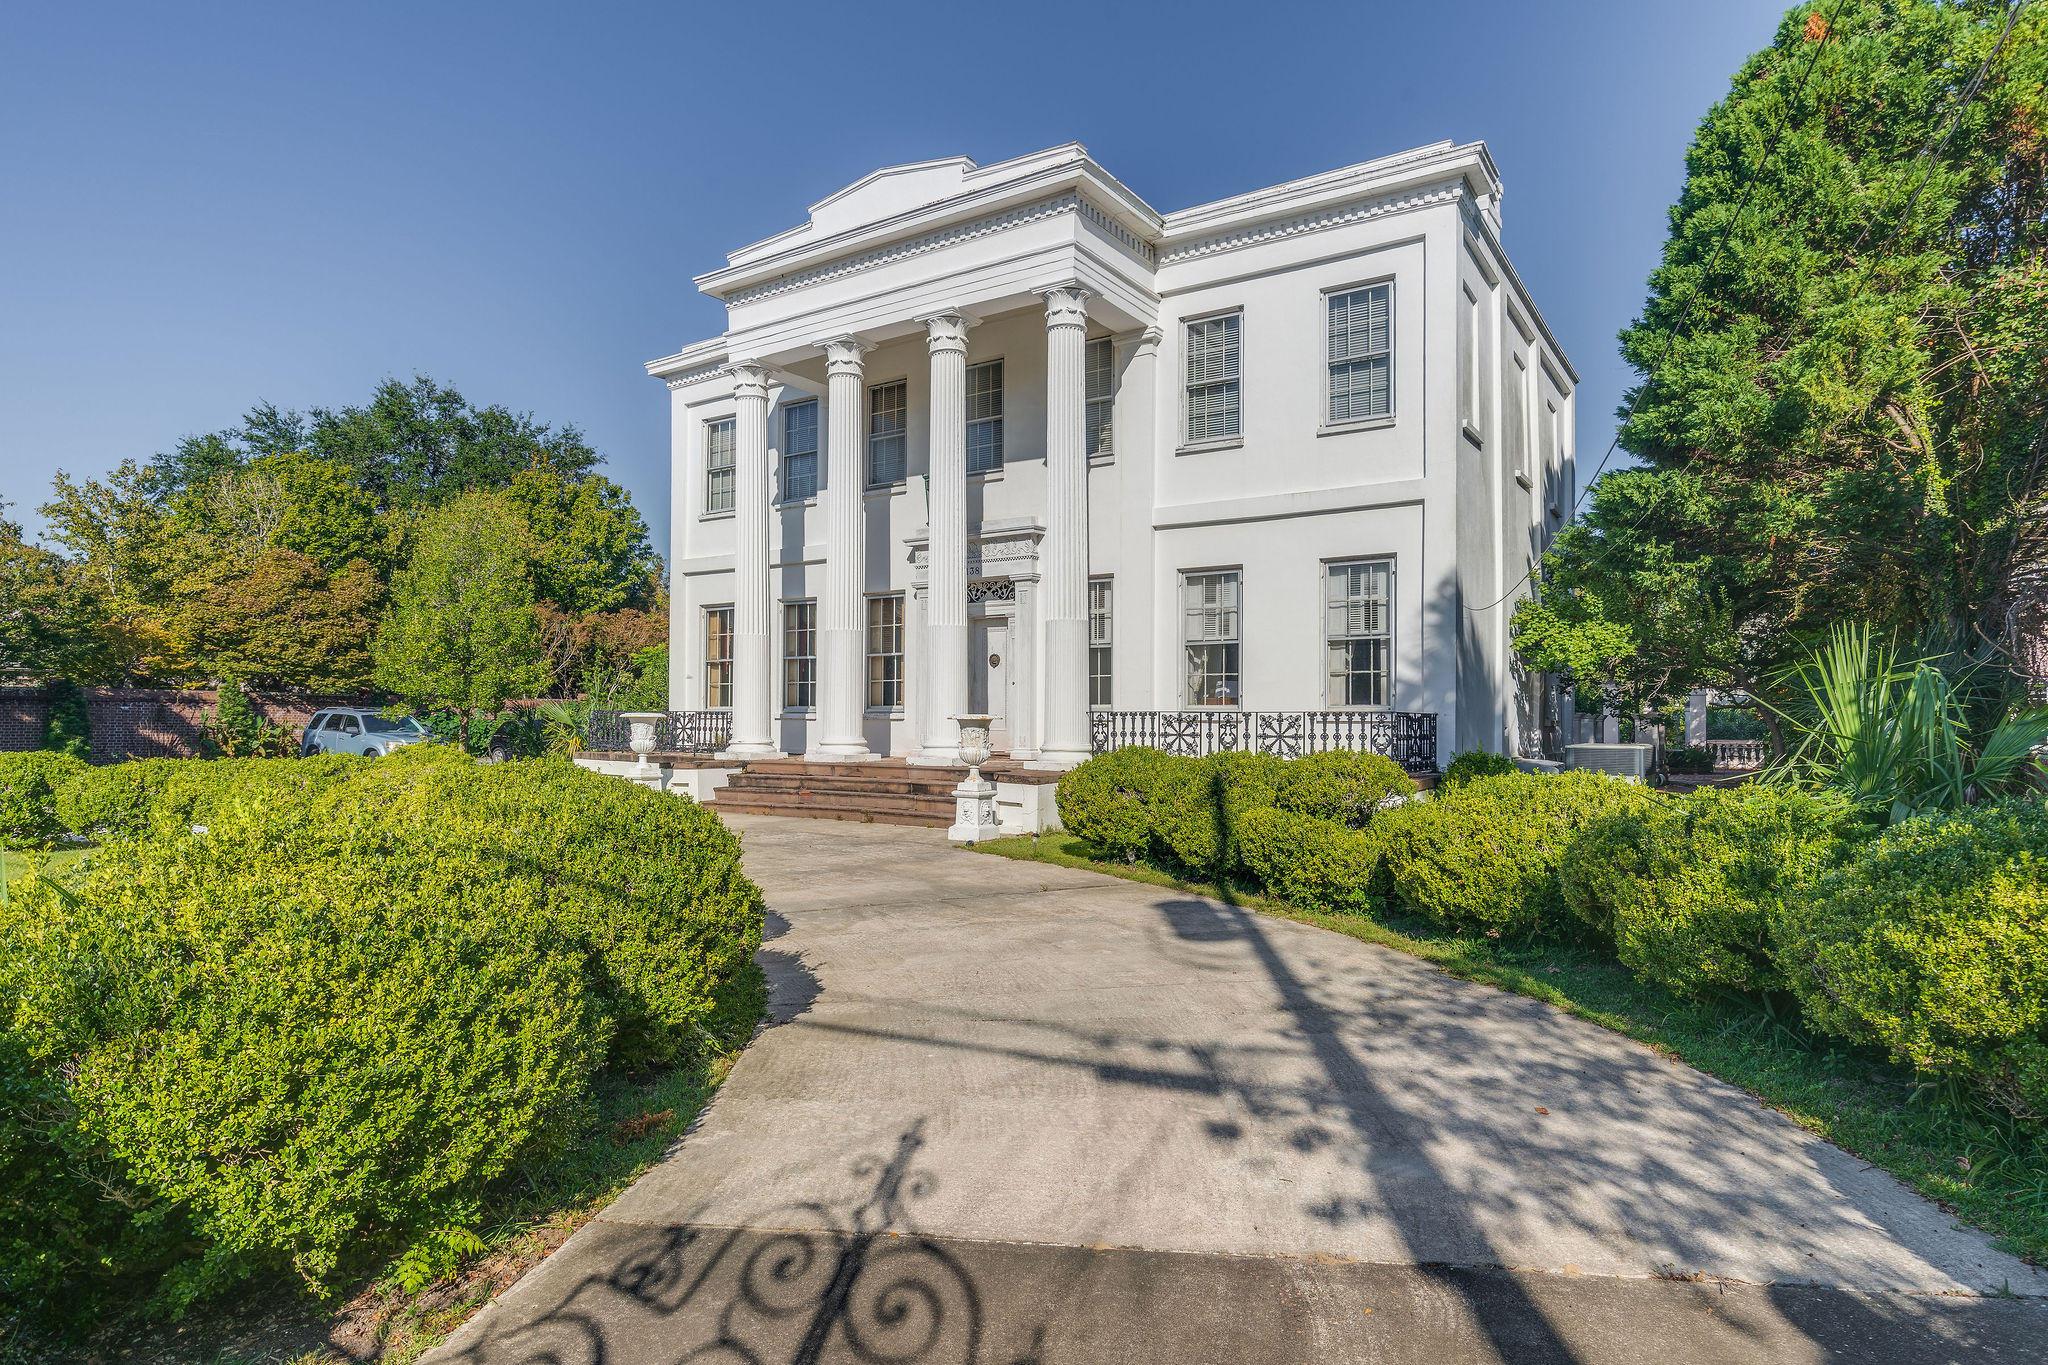 Harleston Village Homes For Sale - 138 & 140 Wentworth, Charleston, SC - 41